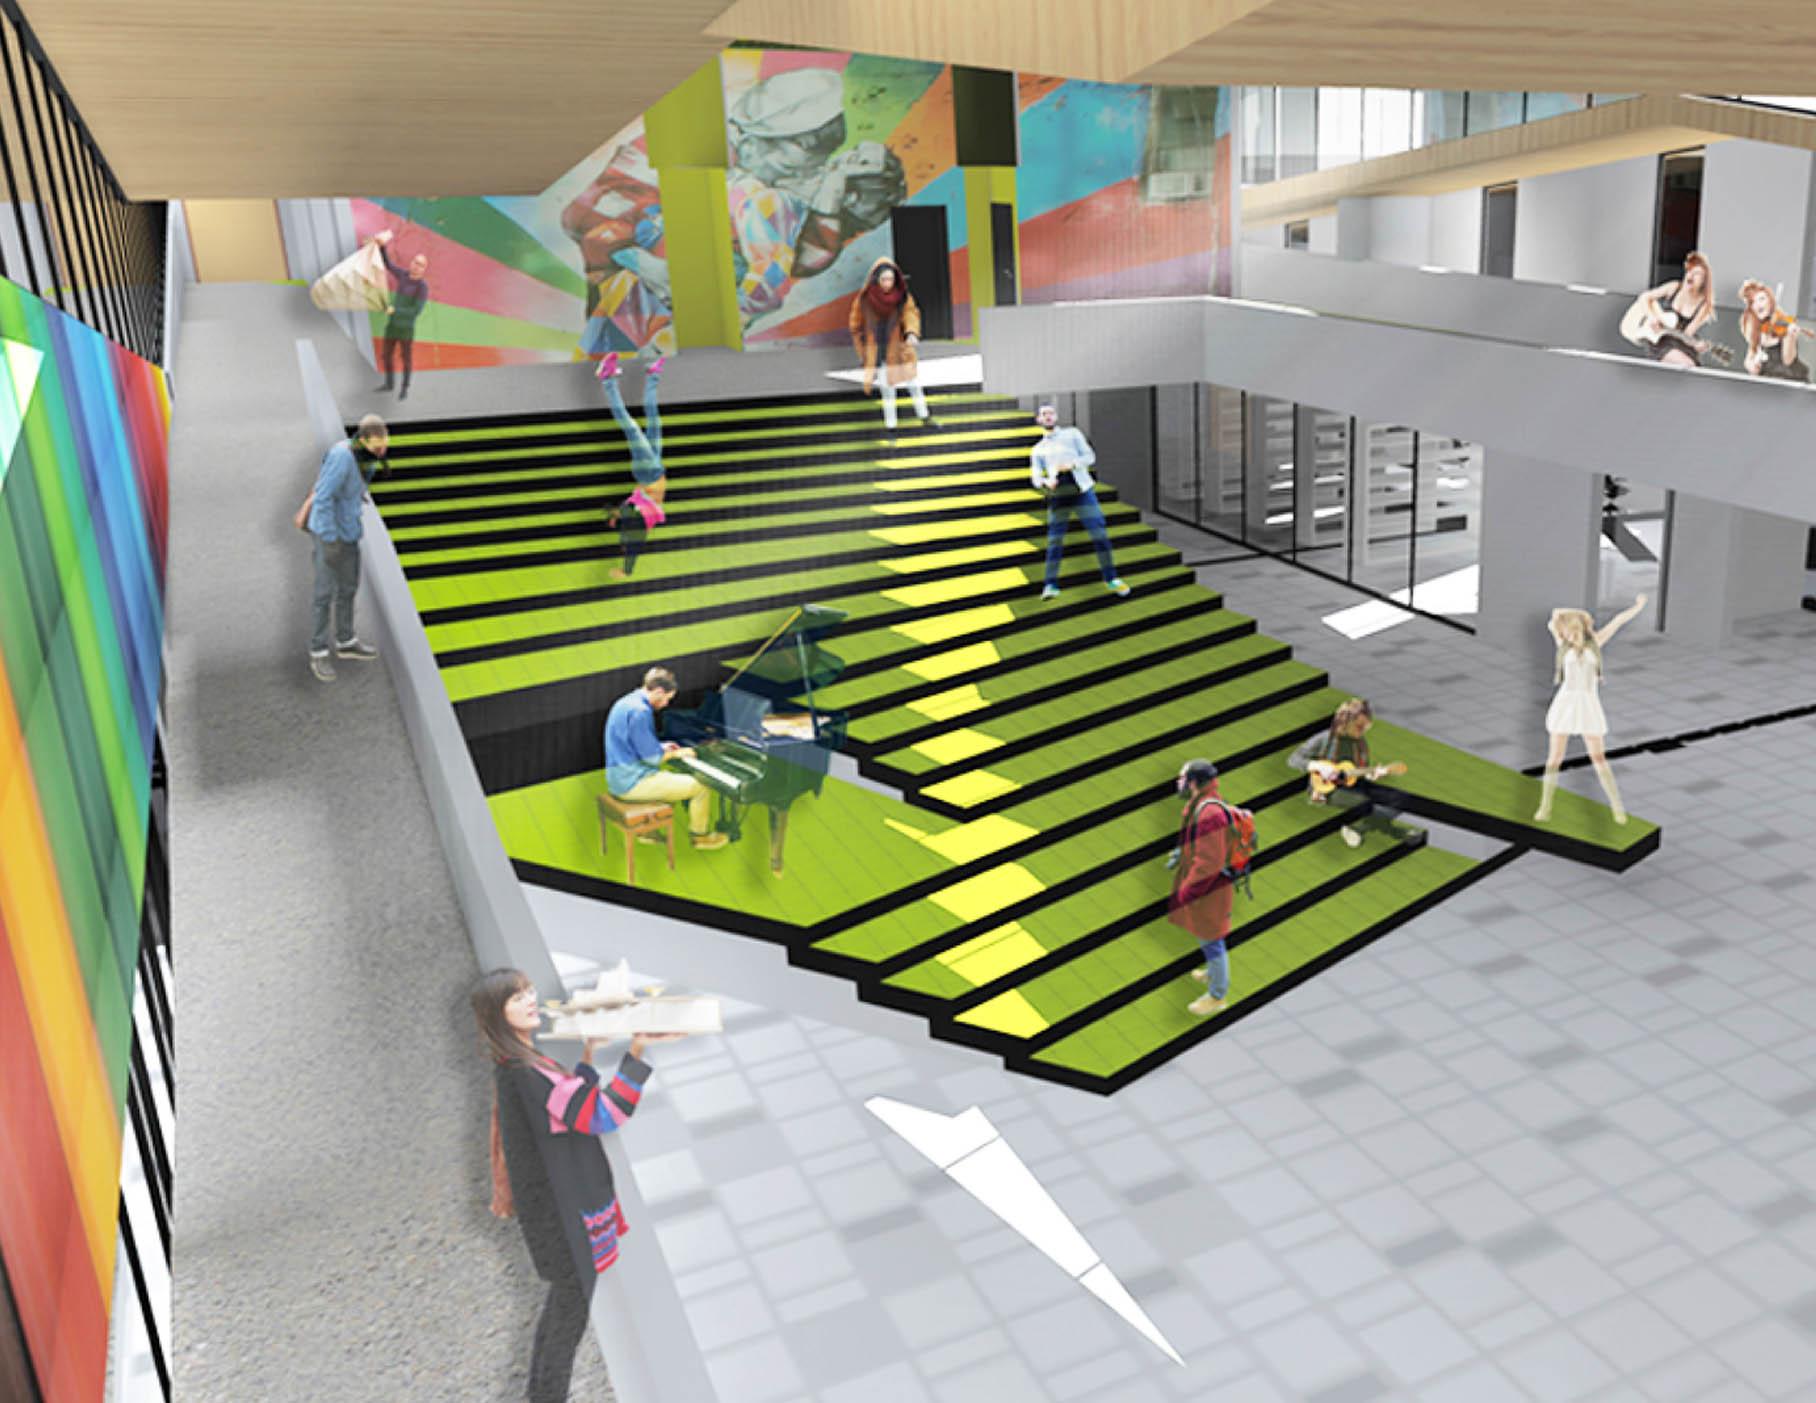 Arquitecto y ex alumno arqudd participa en la propuesta for Arquitectura para la educacion pdf